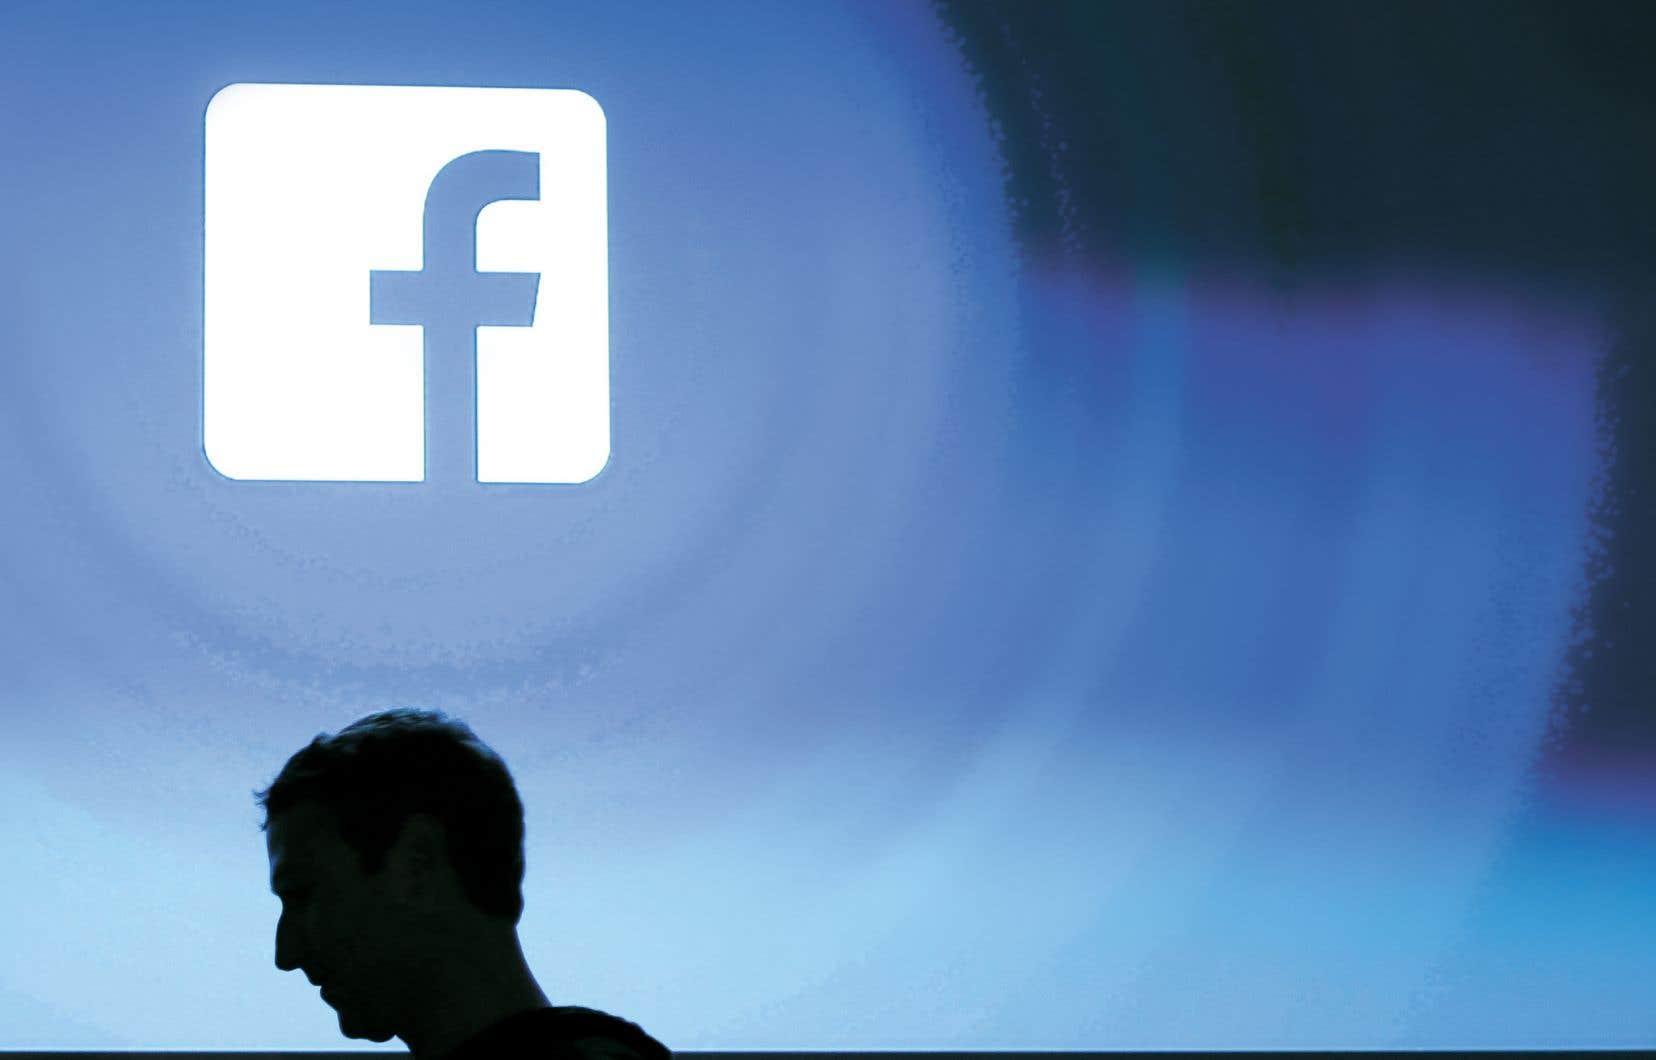 La progression sur un an de Facebook a été de 9% au troisième trimestre, contre 31% au deuxième, ce qui témoigne d'une baisse de régime.